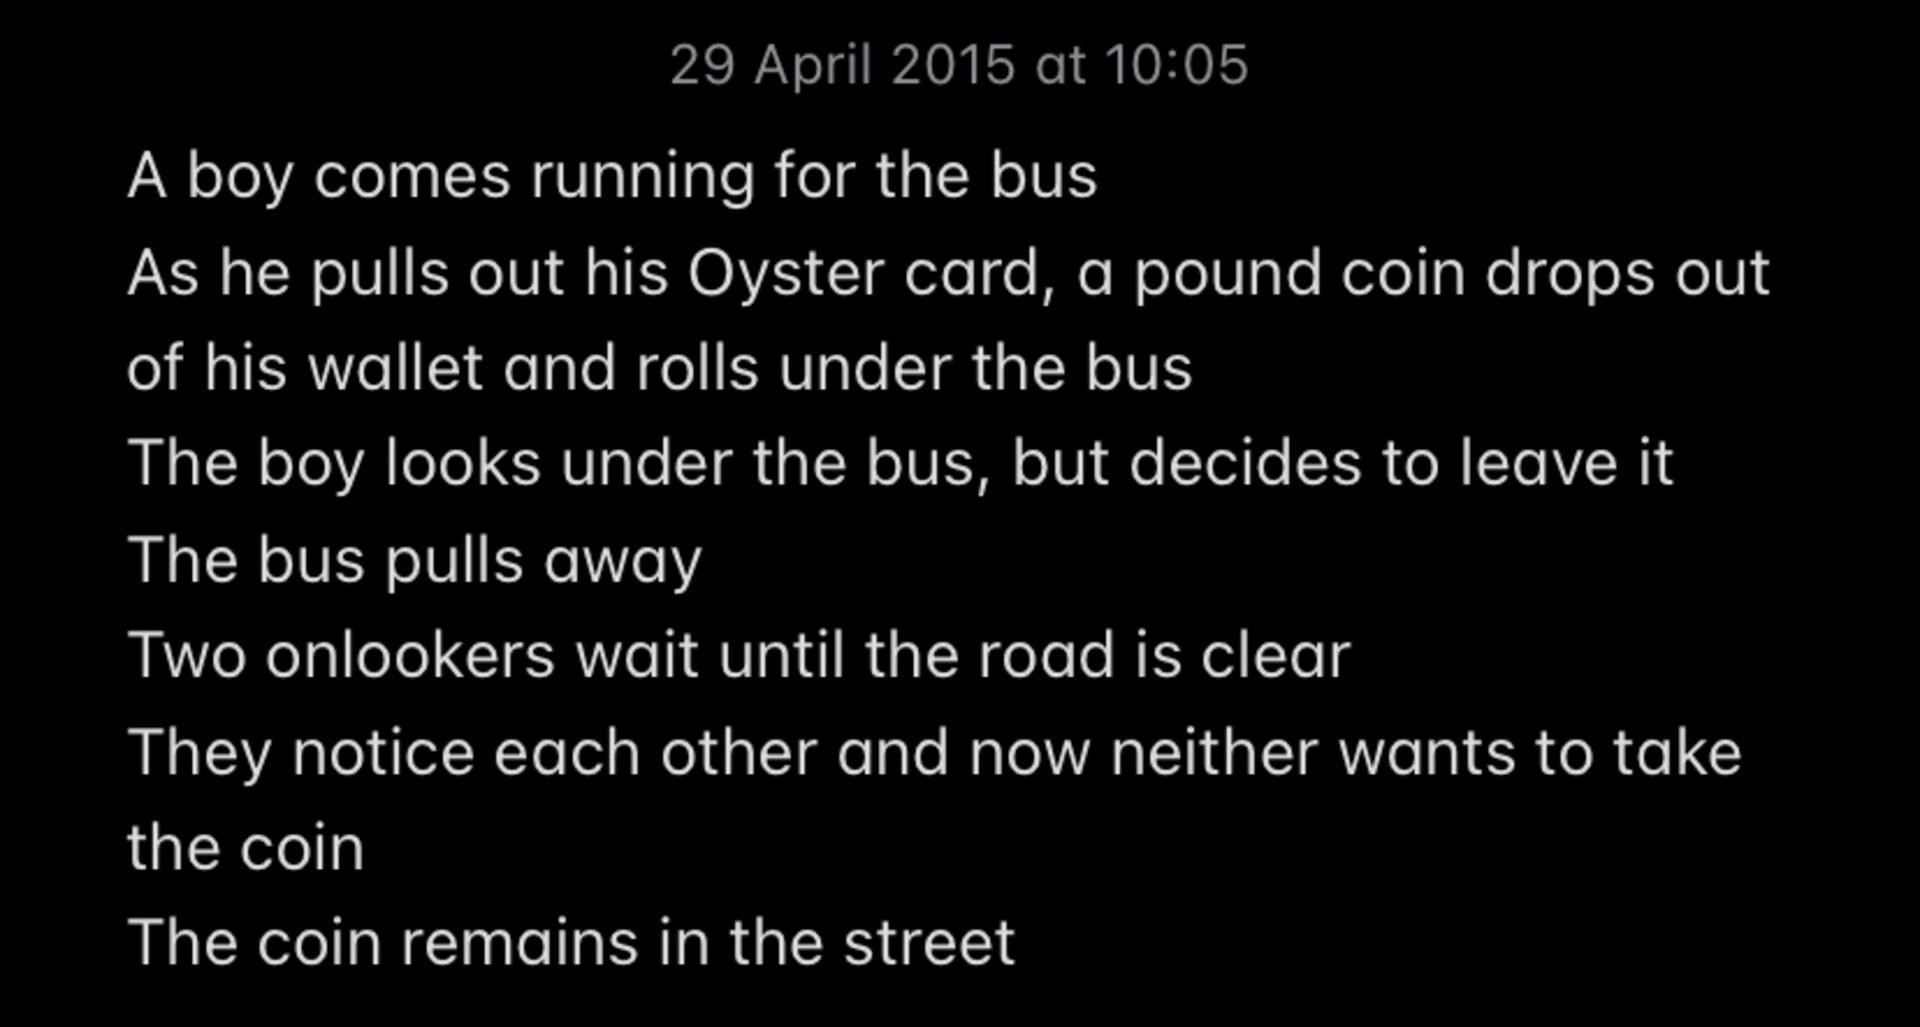 29 April 2015 at 10:05